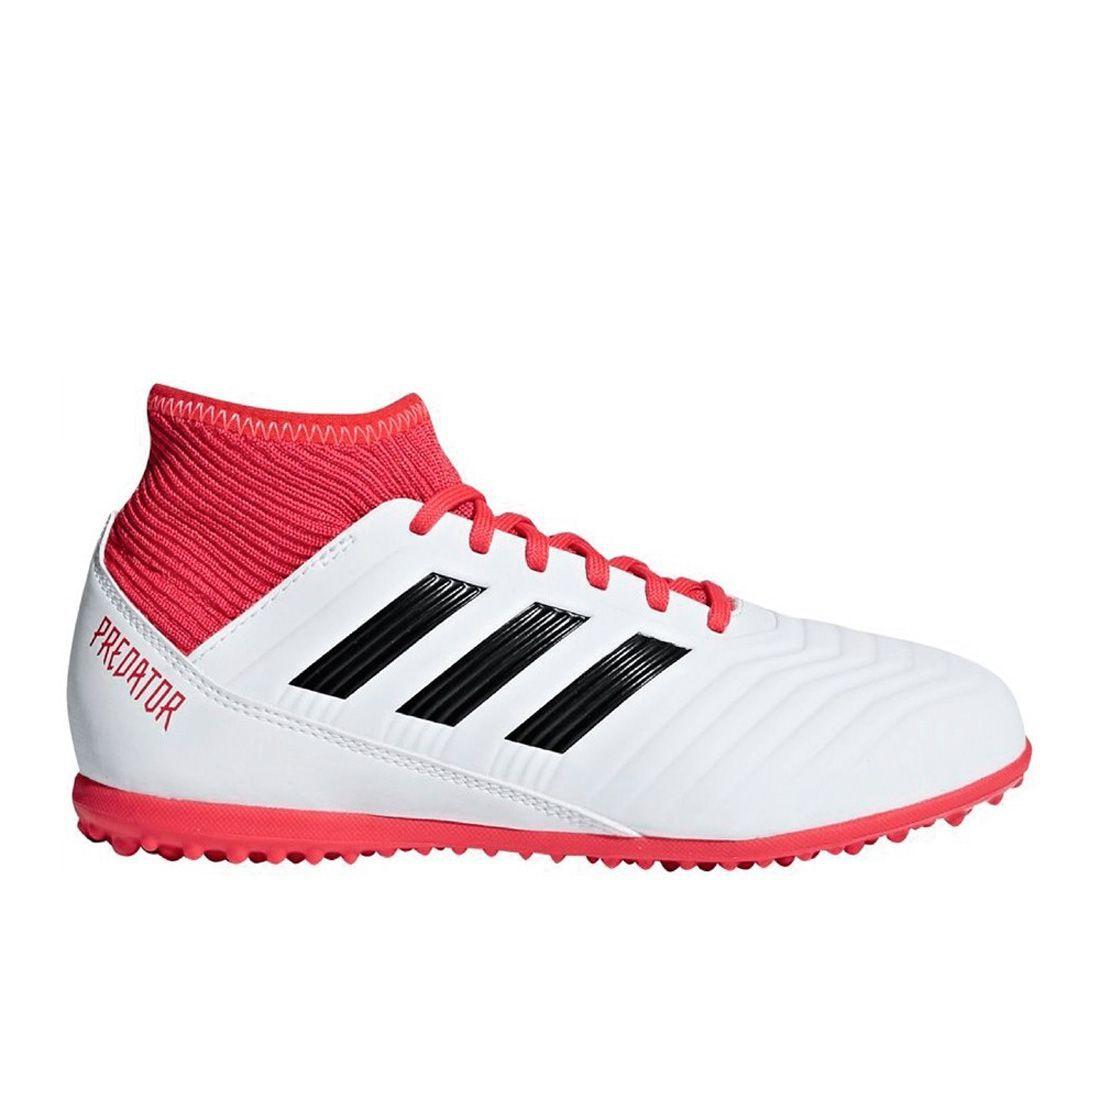 07fdaedfd0 Chuteira Society Adidas Predator Tango 18.3 TF CP 9930 Branca nº 40 ...